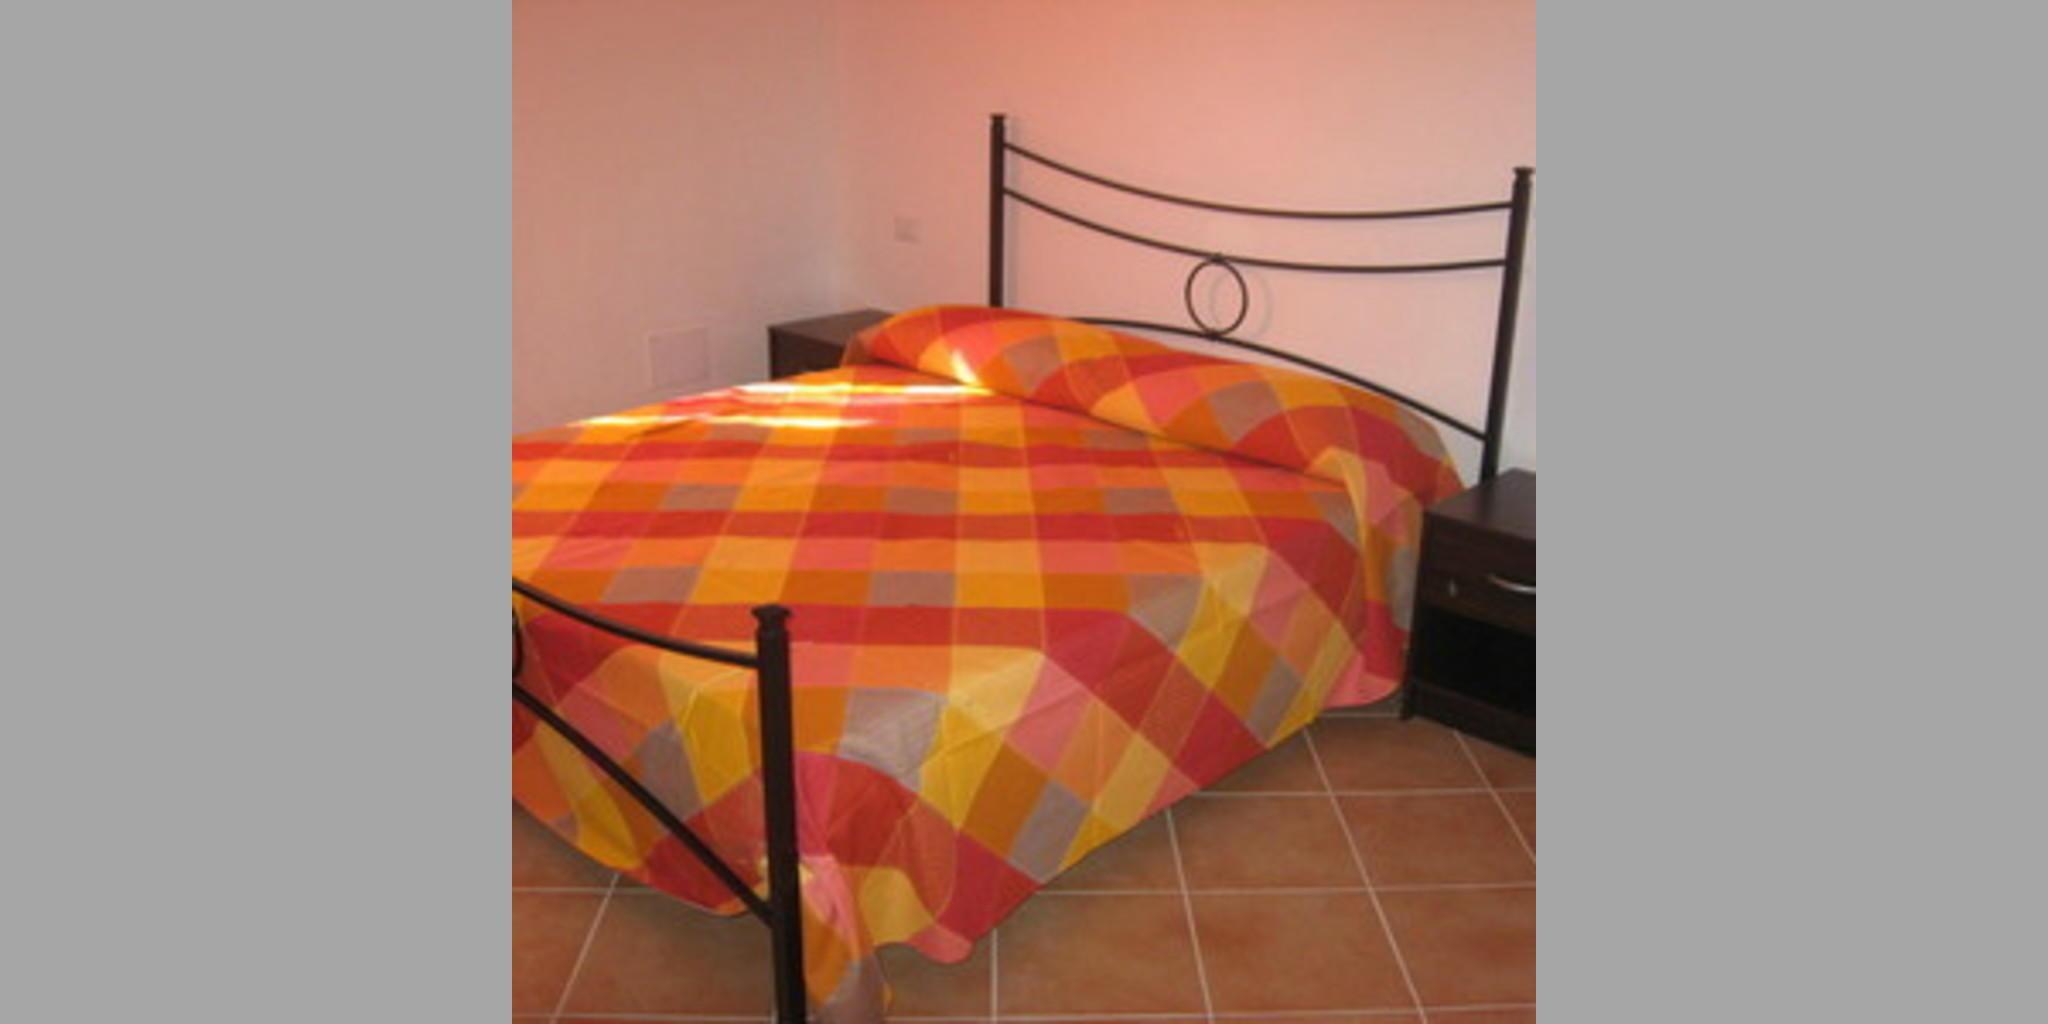 Bed & Breakfast Martina Franca - Valle Itria